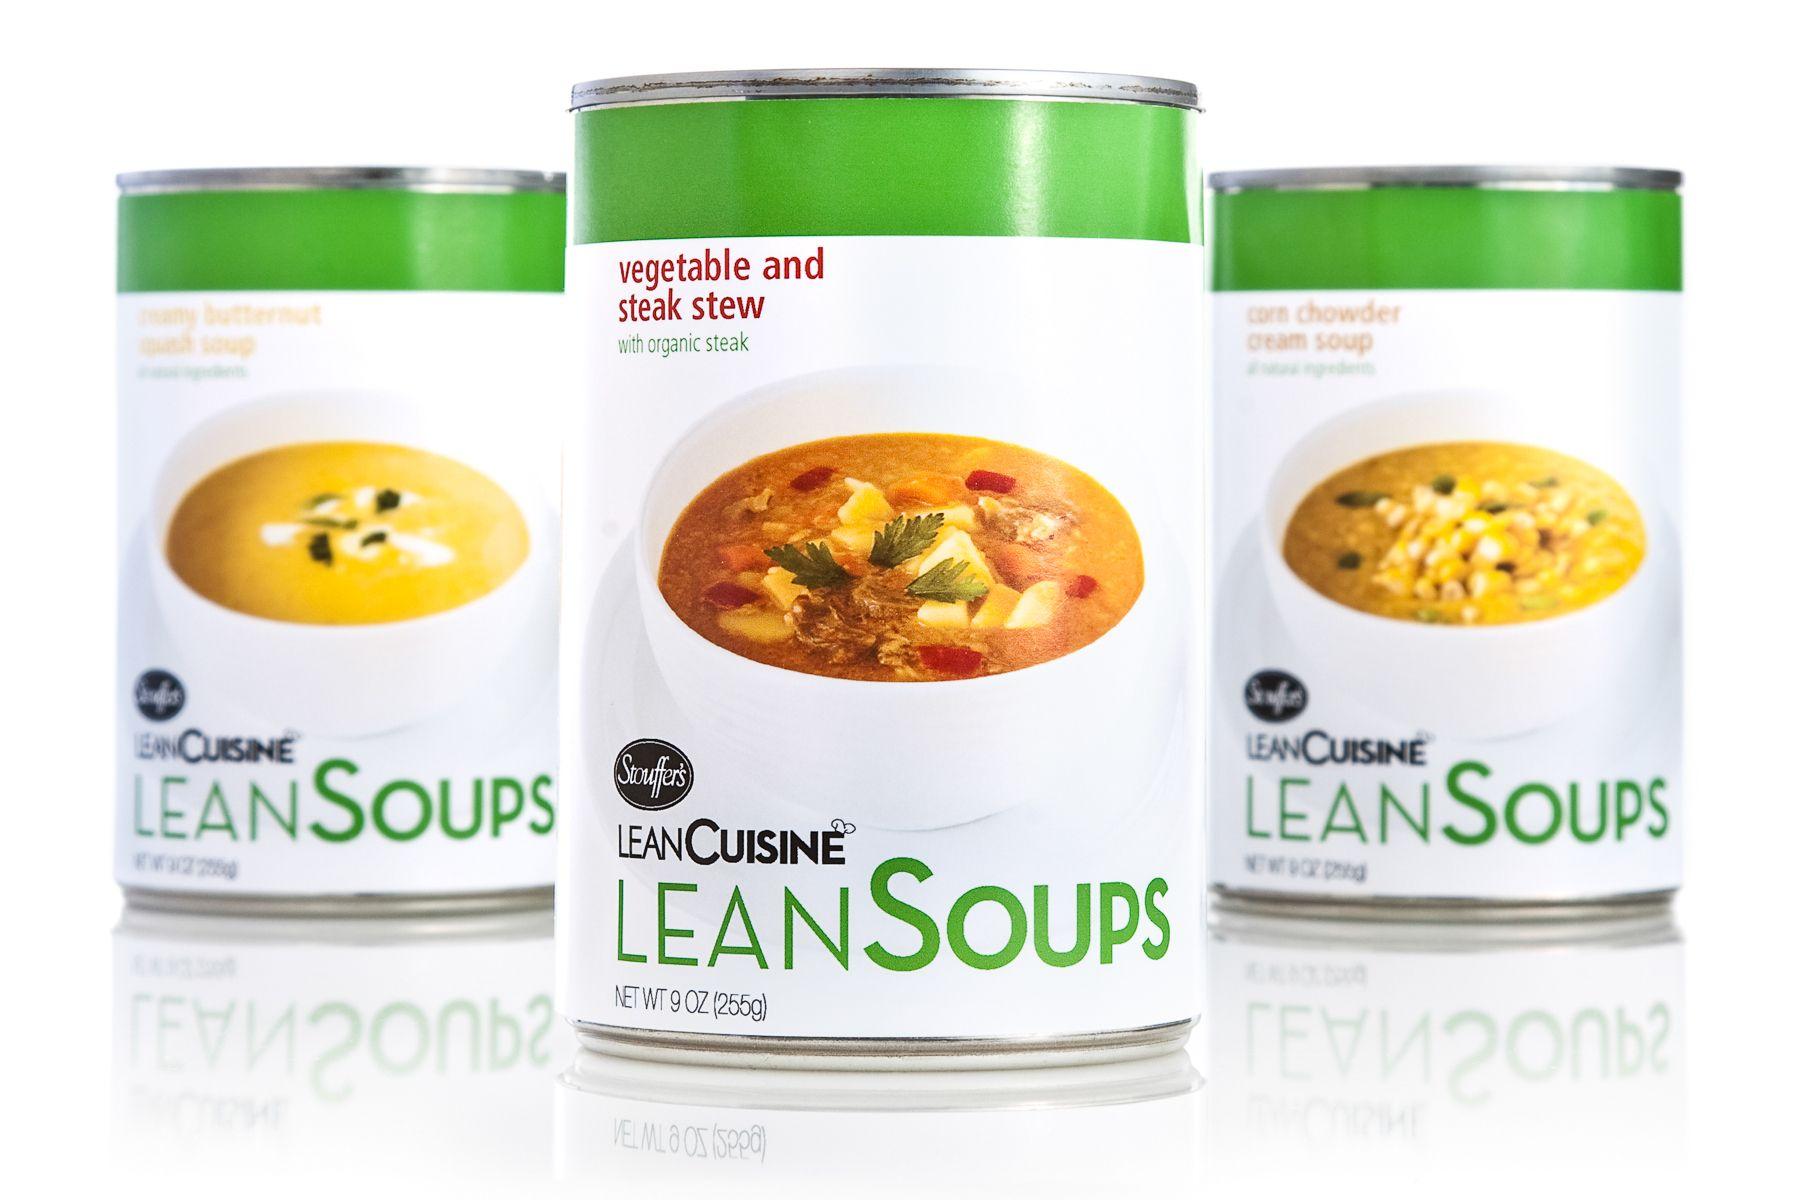 1lean_soup_cans2_016.jpg